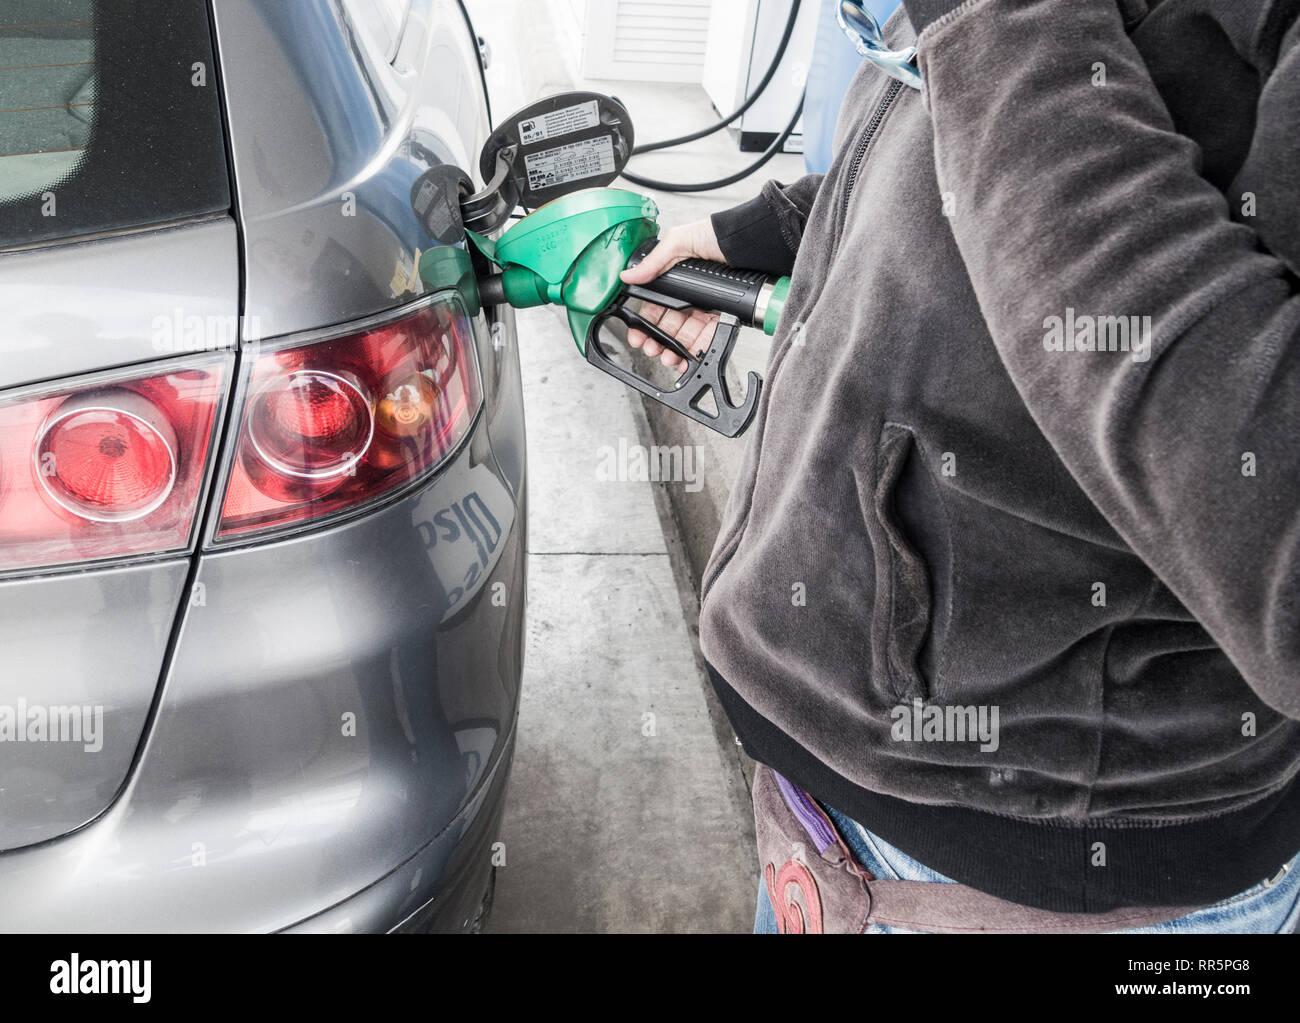 La donna il riempimento di auto a benzina, diesel, alla stazione di benzina. Immagini Stock